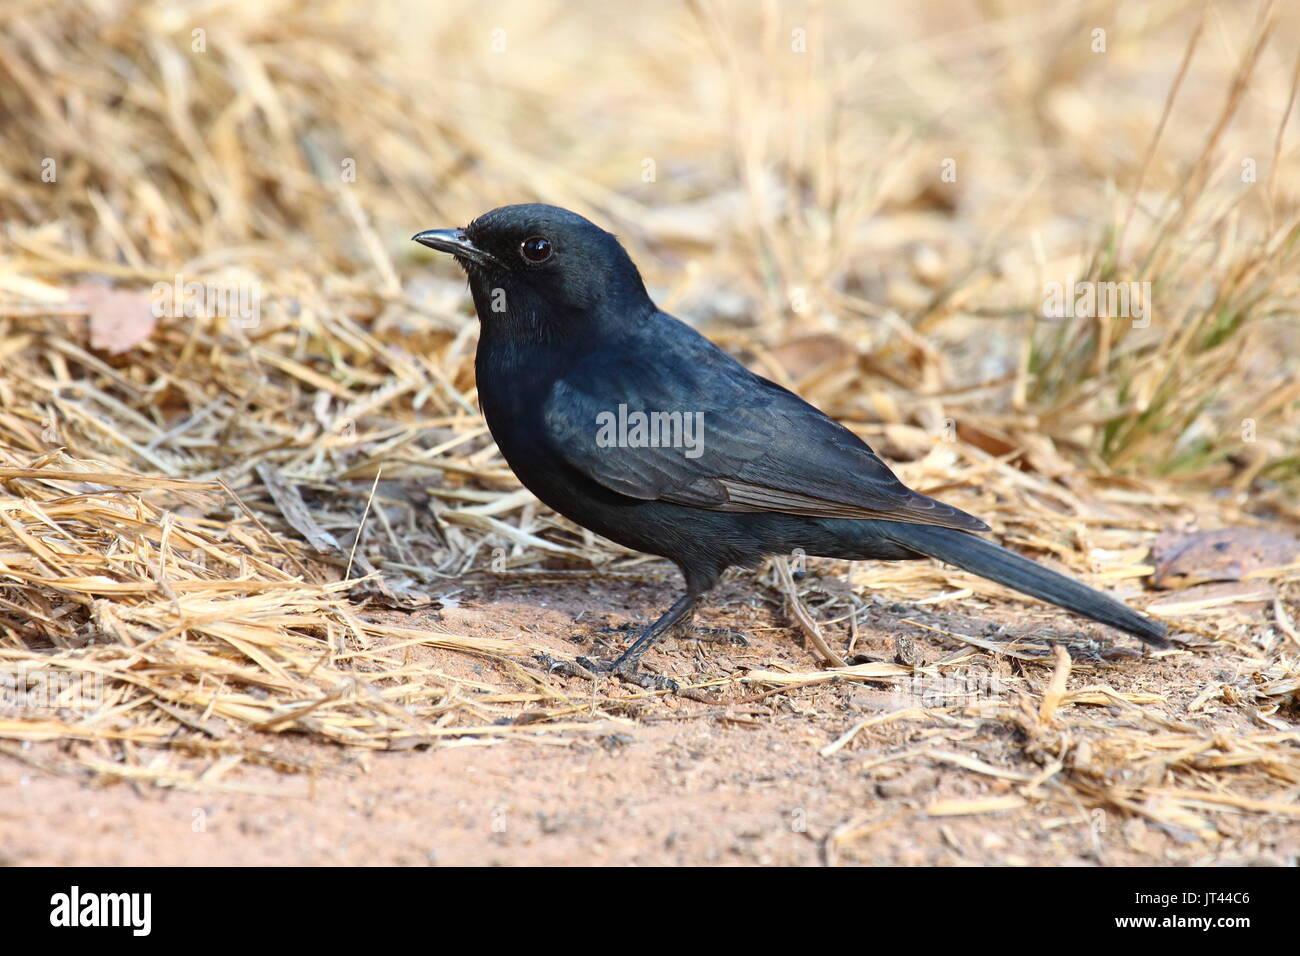 Southern Black Flycatcher, Melaenornis pammelaina, Leopard's Hill, Lusaka, Zambia - Stock Image